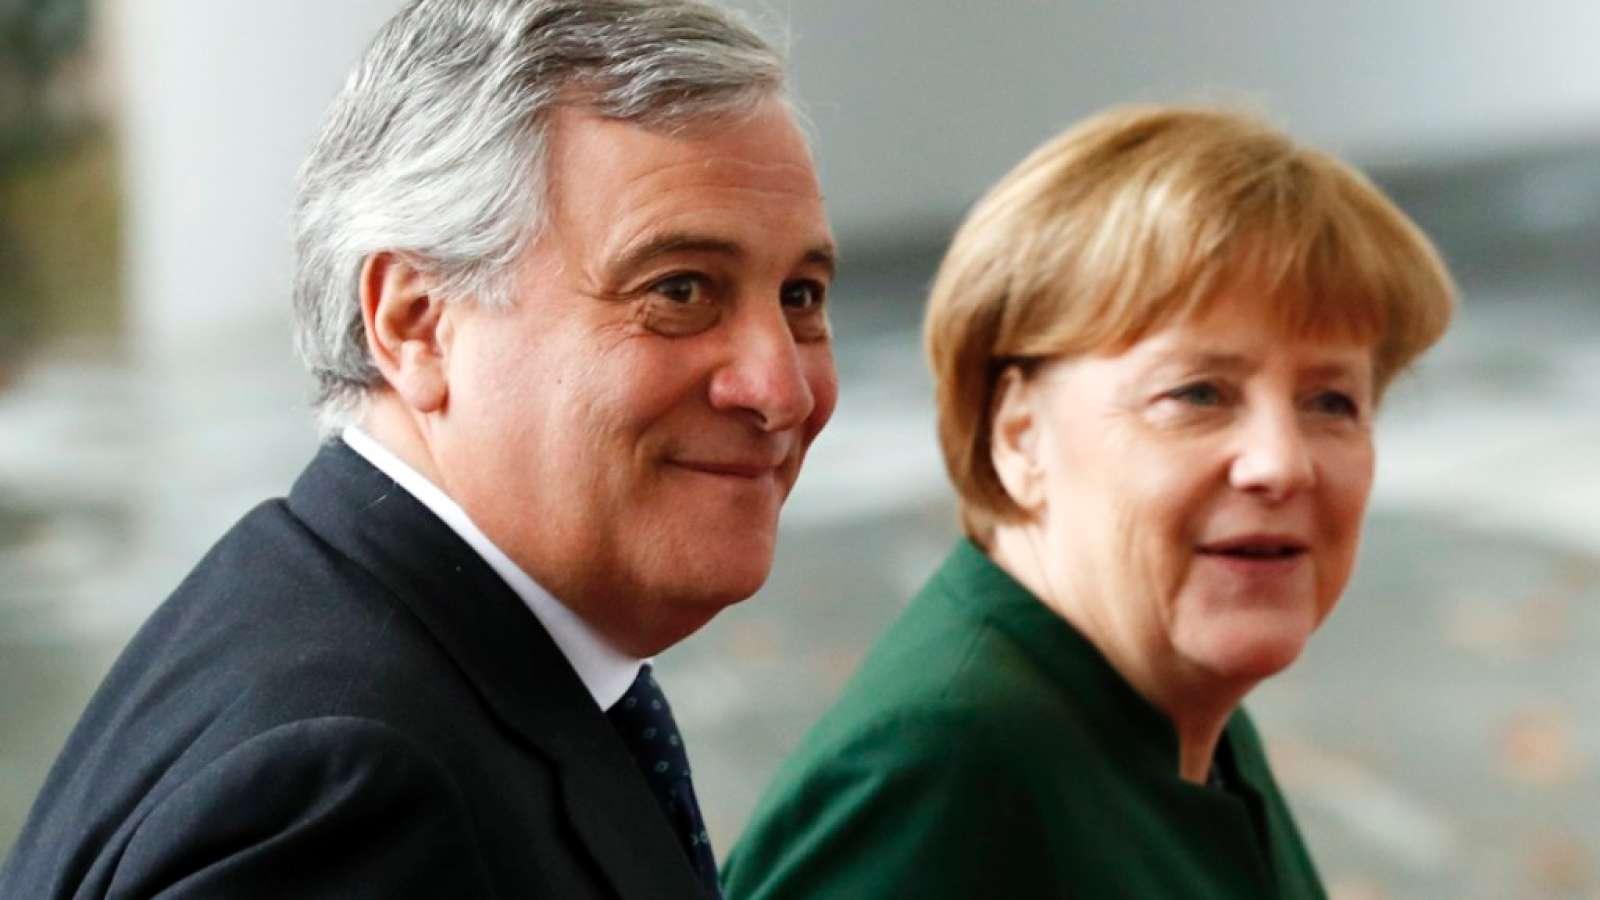 EU-Parlamentspräsident Antonio Tajani spricht sich für Flüchtlingsauffanglager in Libyen aus. (Archivbild)